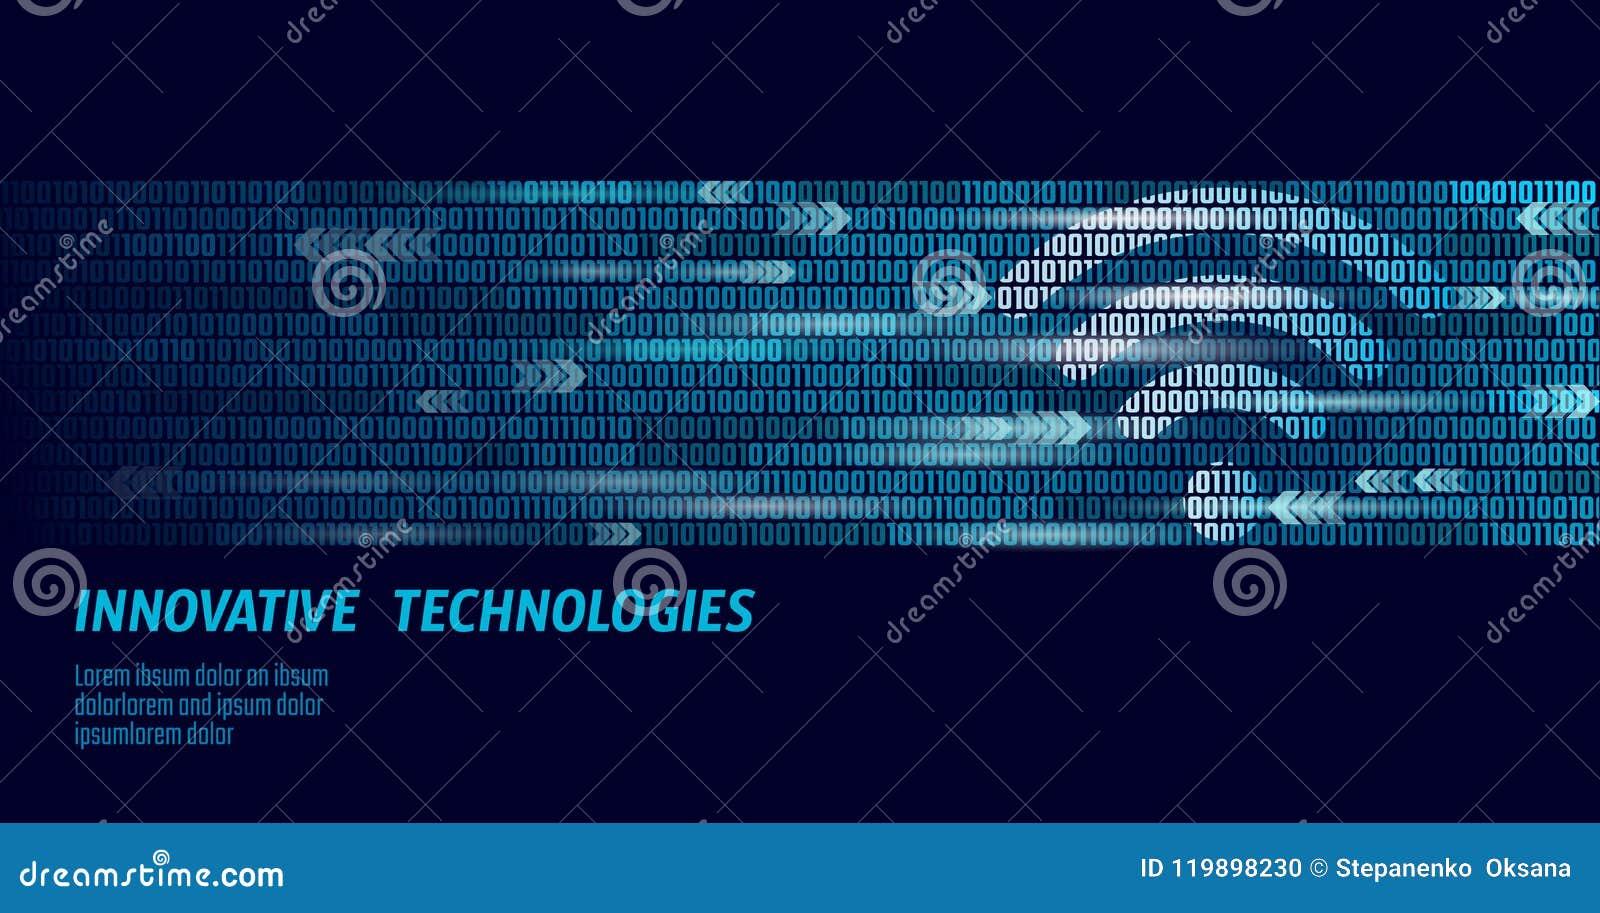 无线互联网wifi连接 大数据二进制编码流速 全球网络高速创新连接